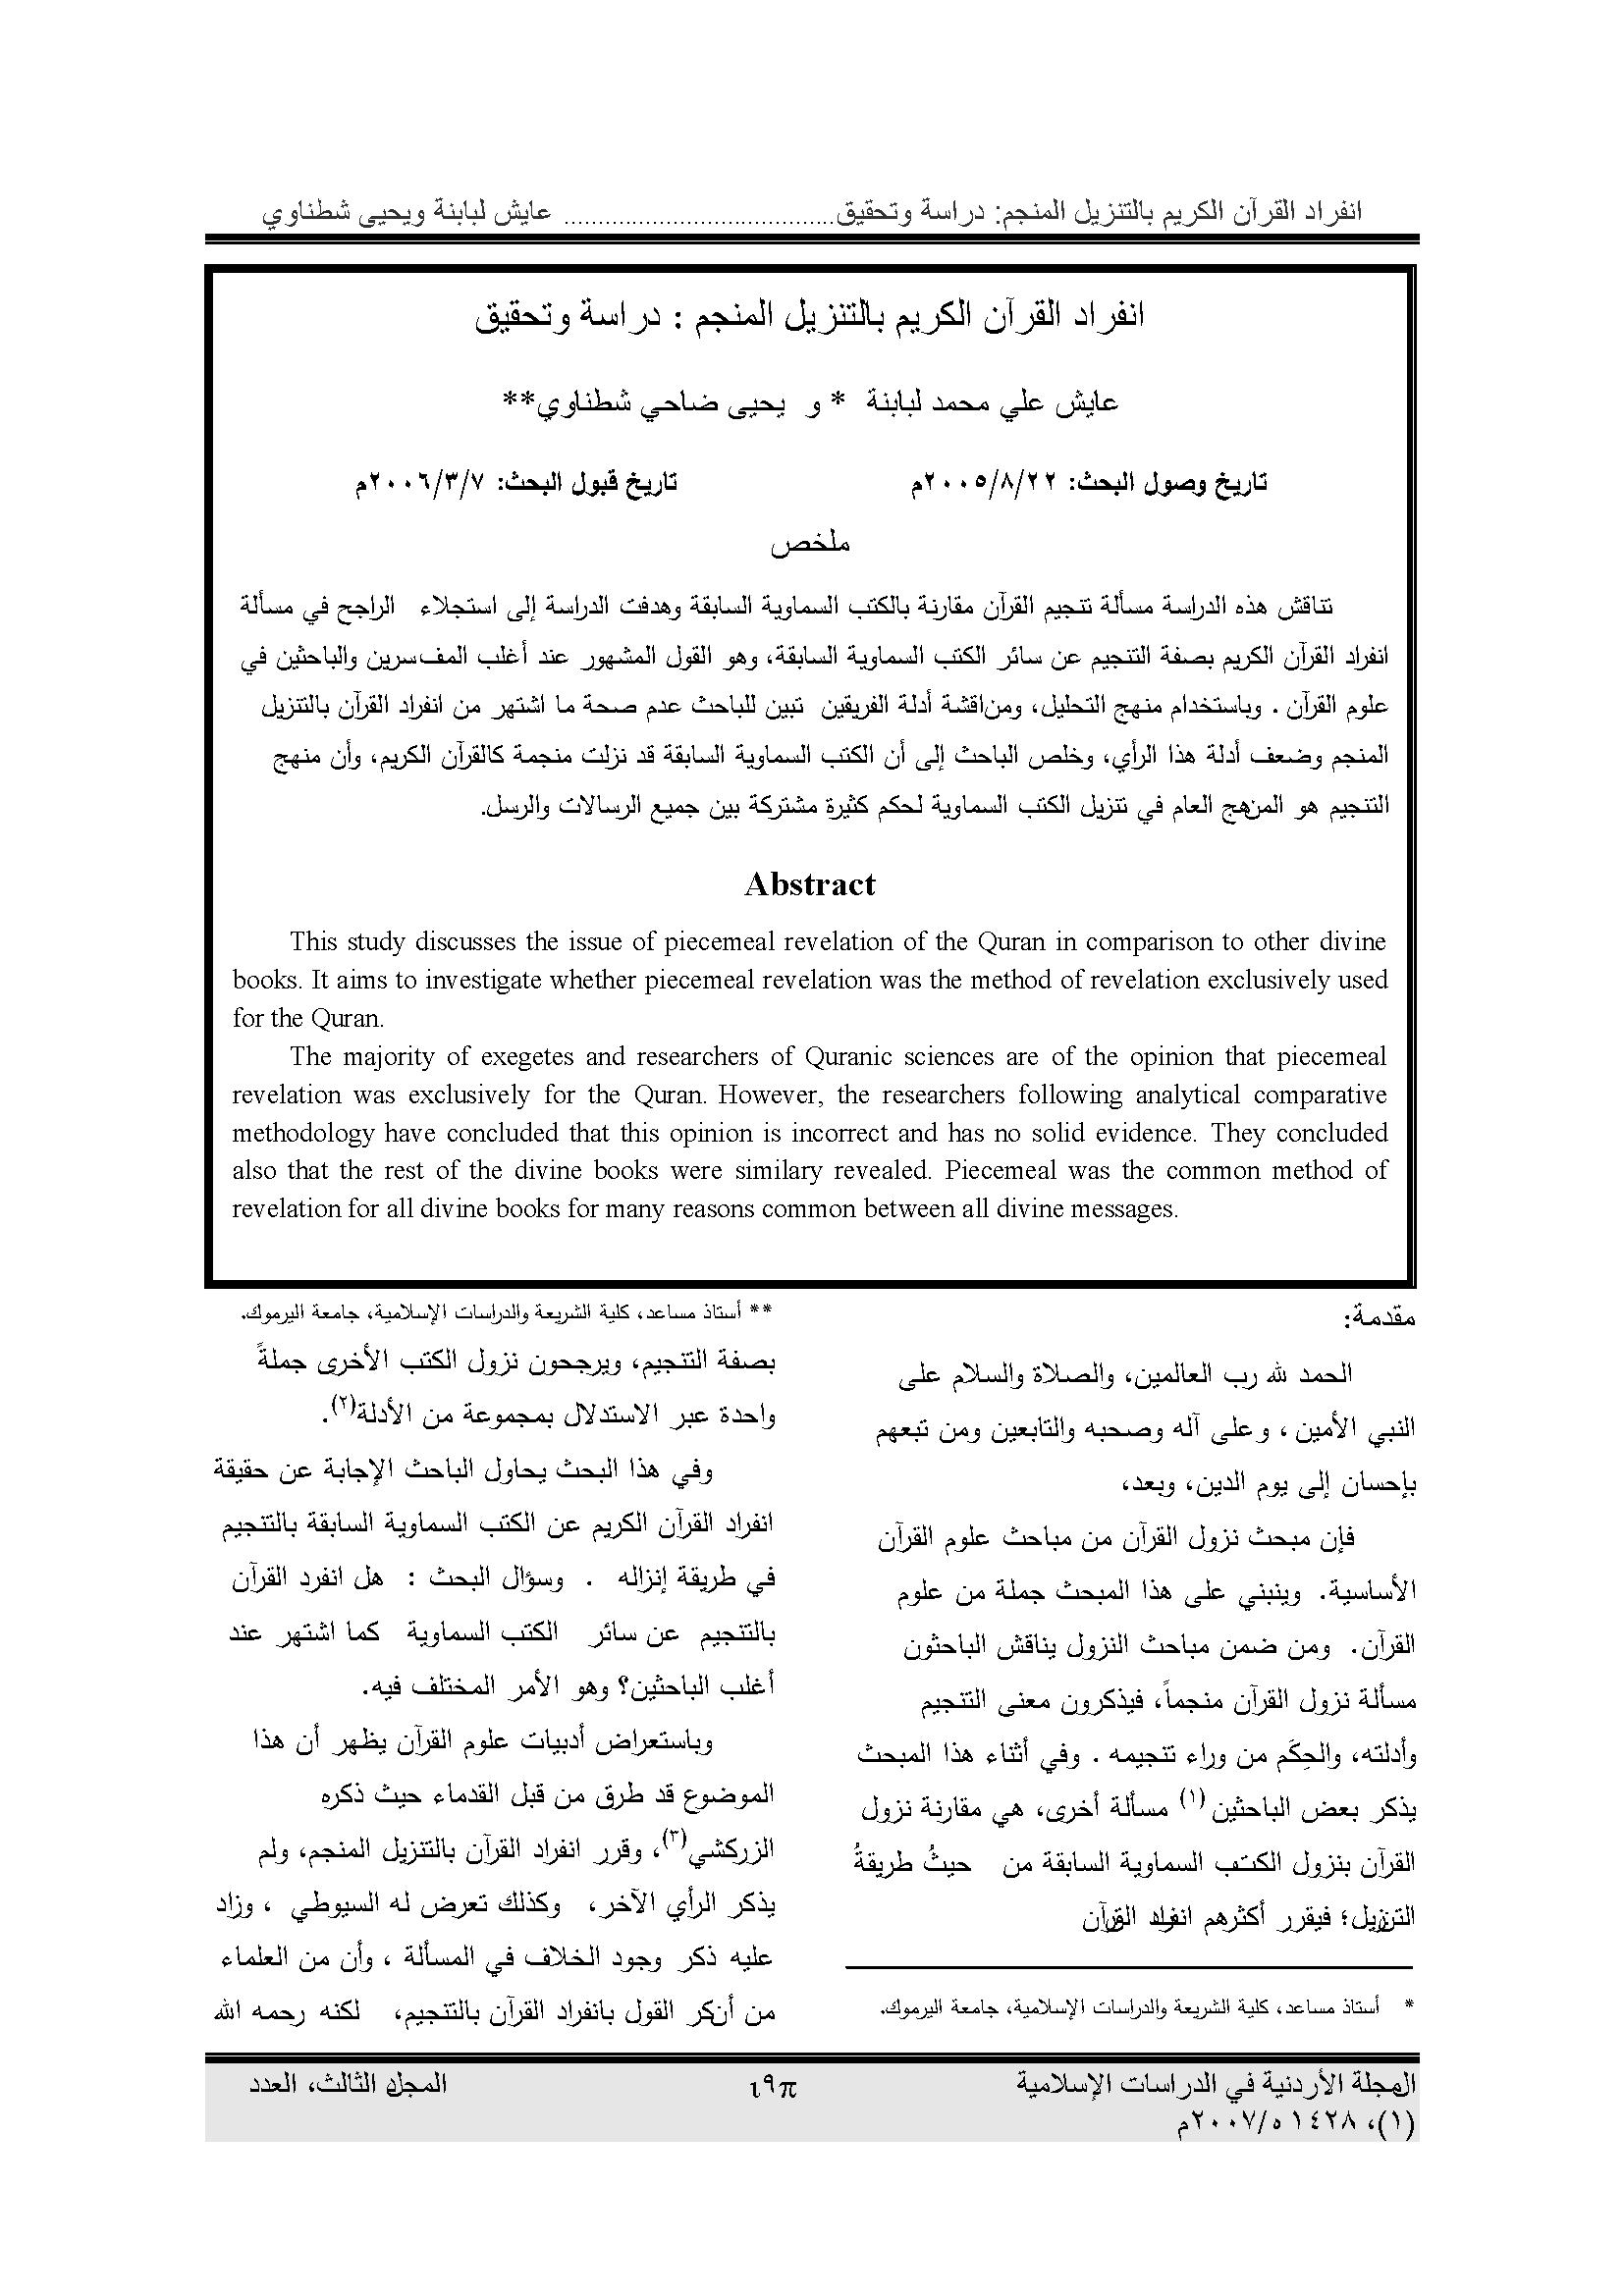 تحميل كتاب انفراد القرآن الكريم بالتنزيل المنجم (دراسة وتحقيق) لـِ: الدكتور عايش علي محمد لبابنة